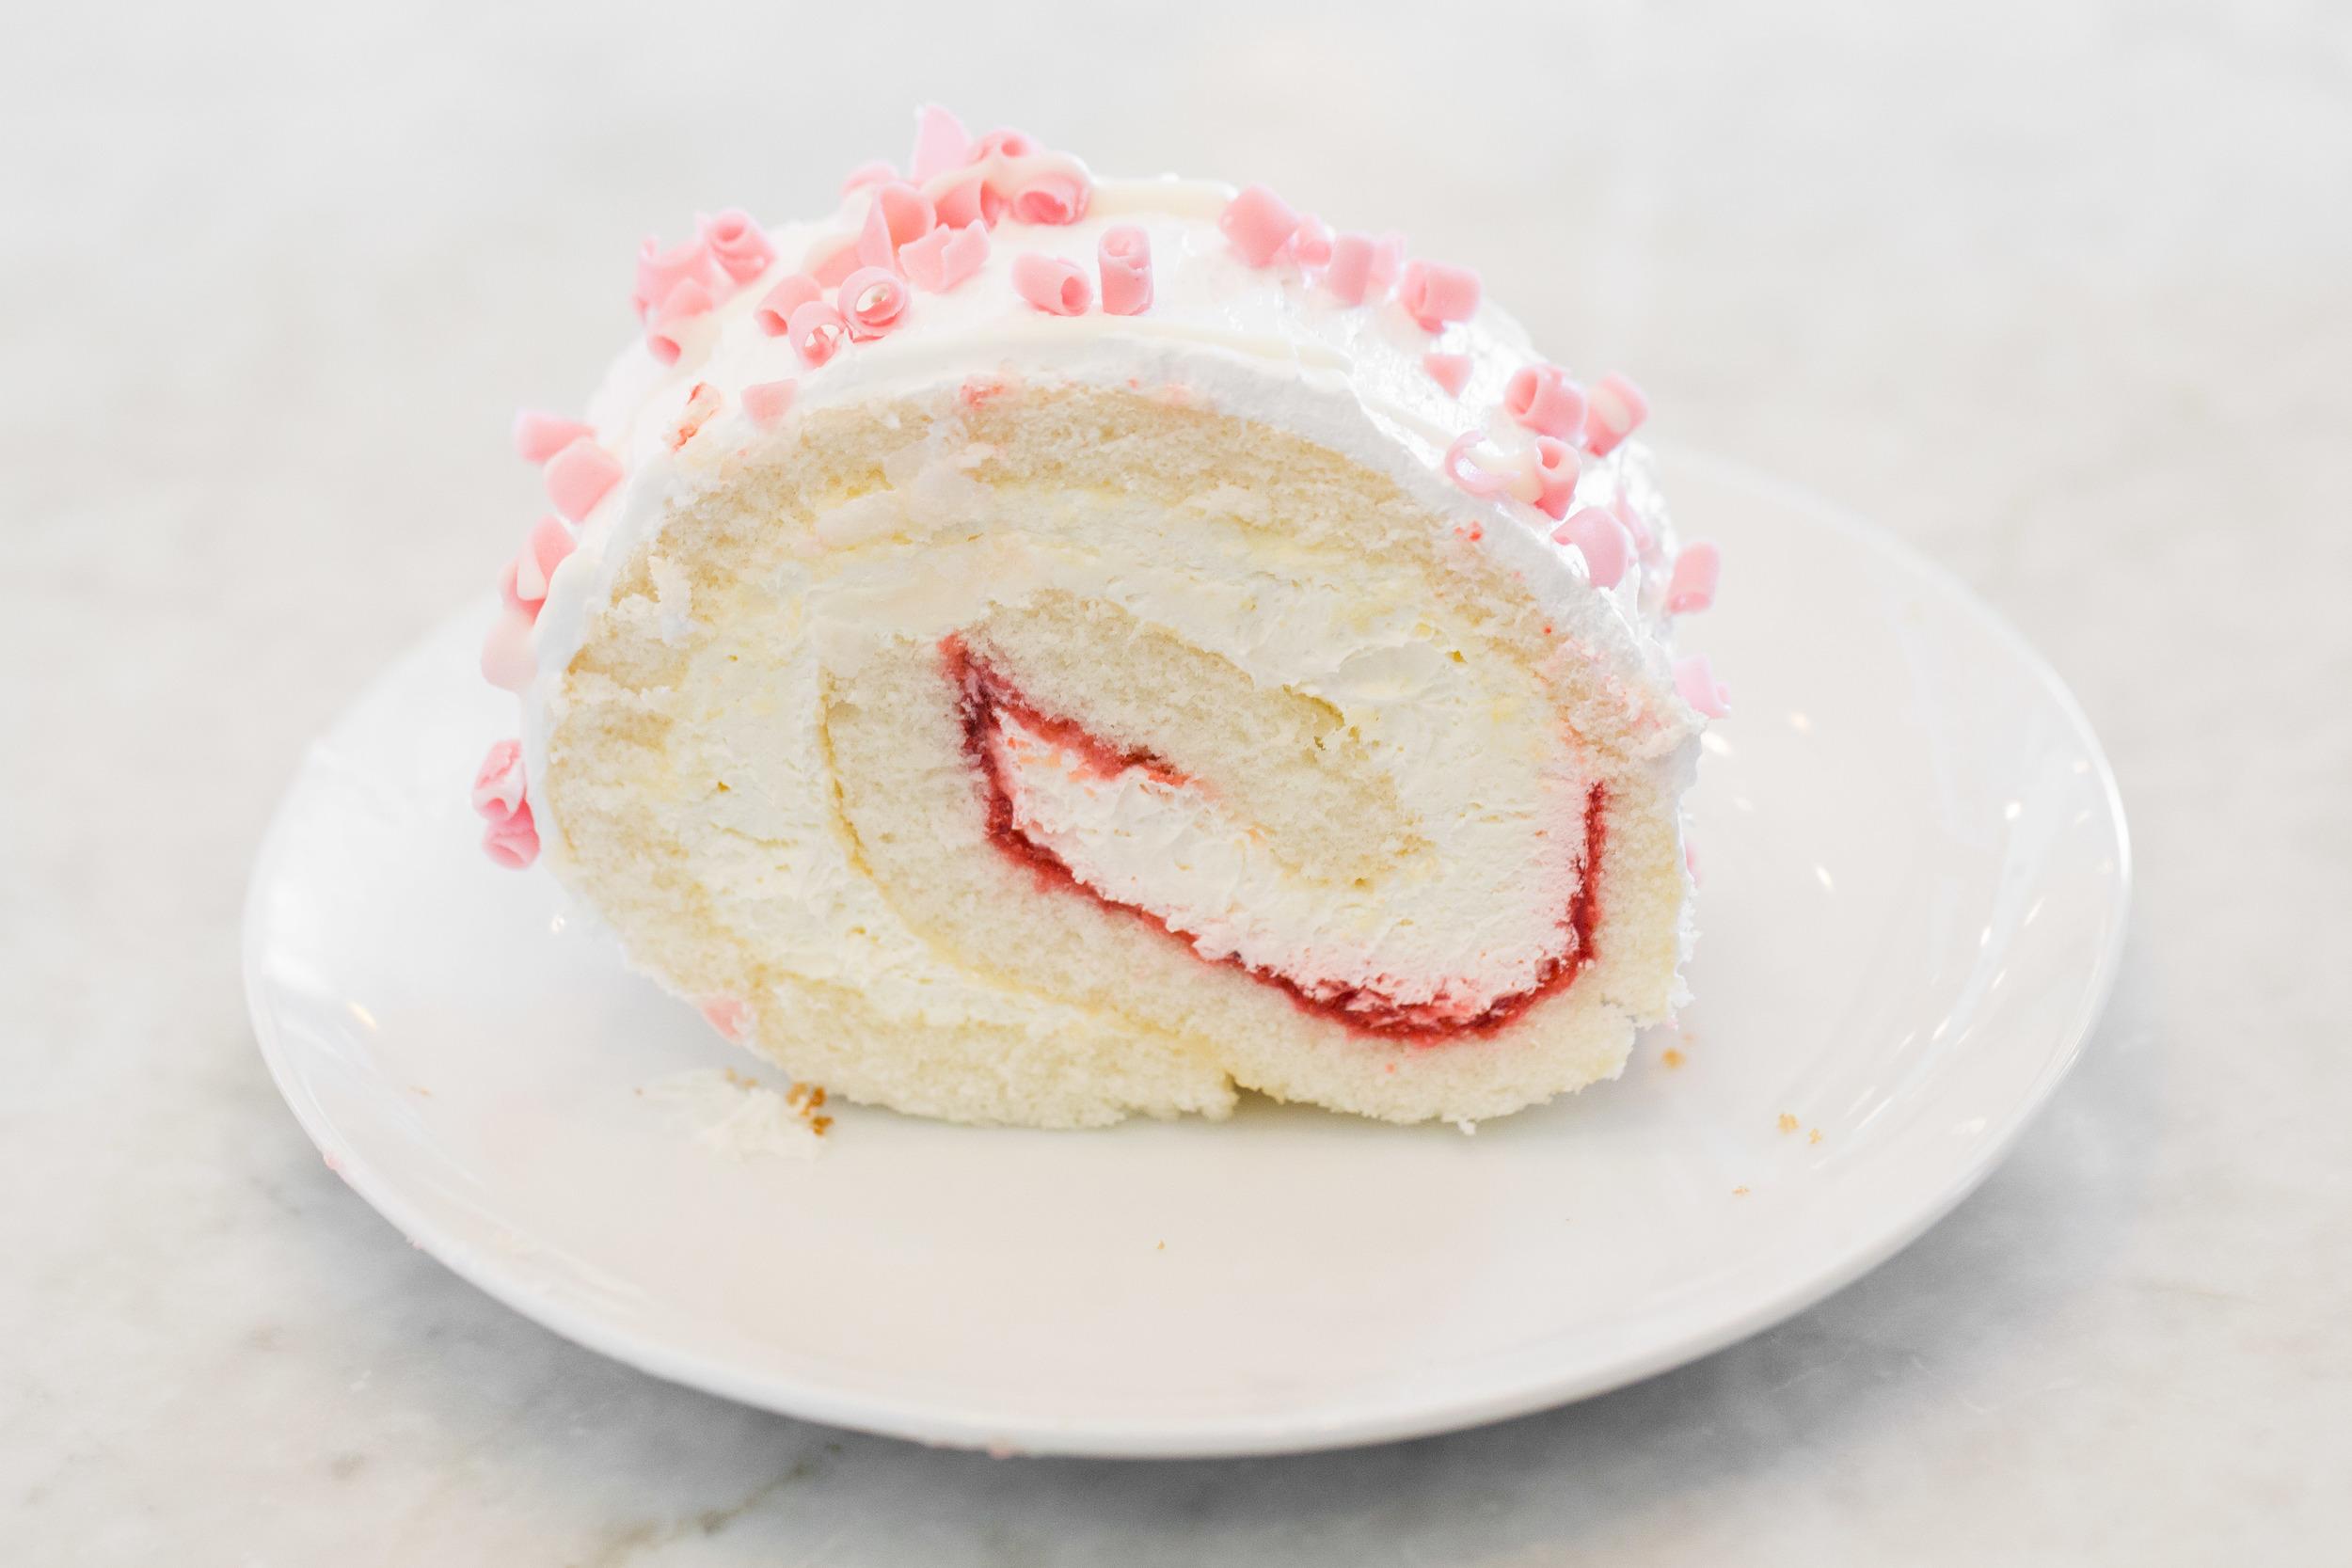 Strawberry Chiffon Slice